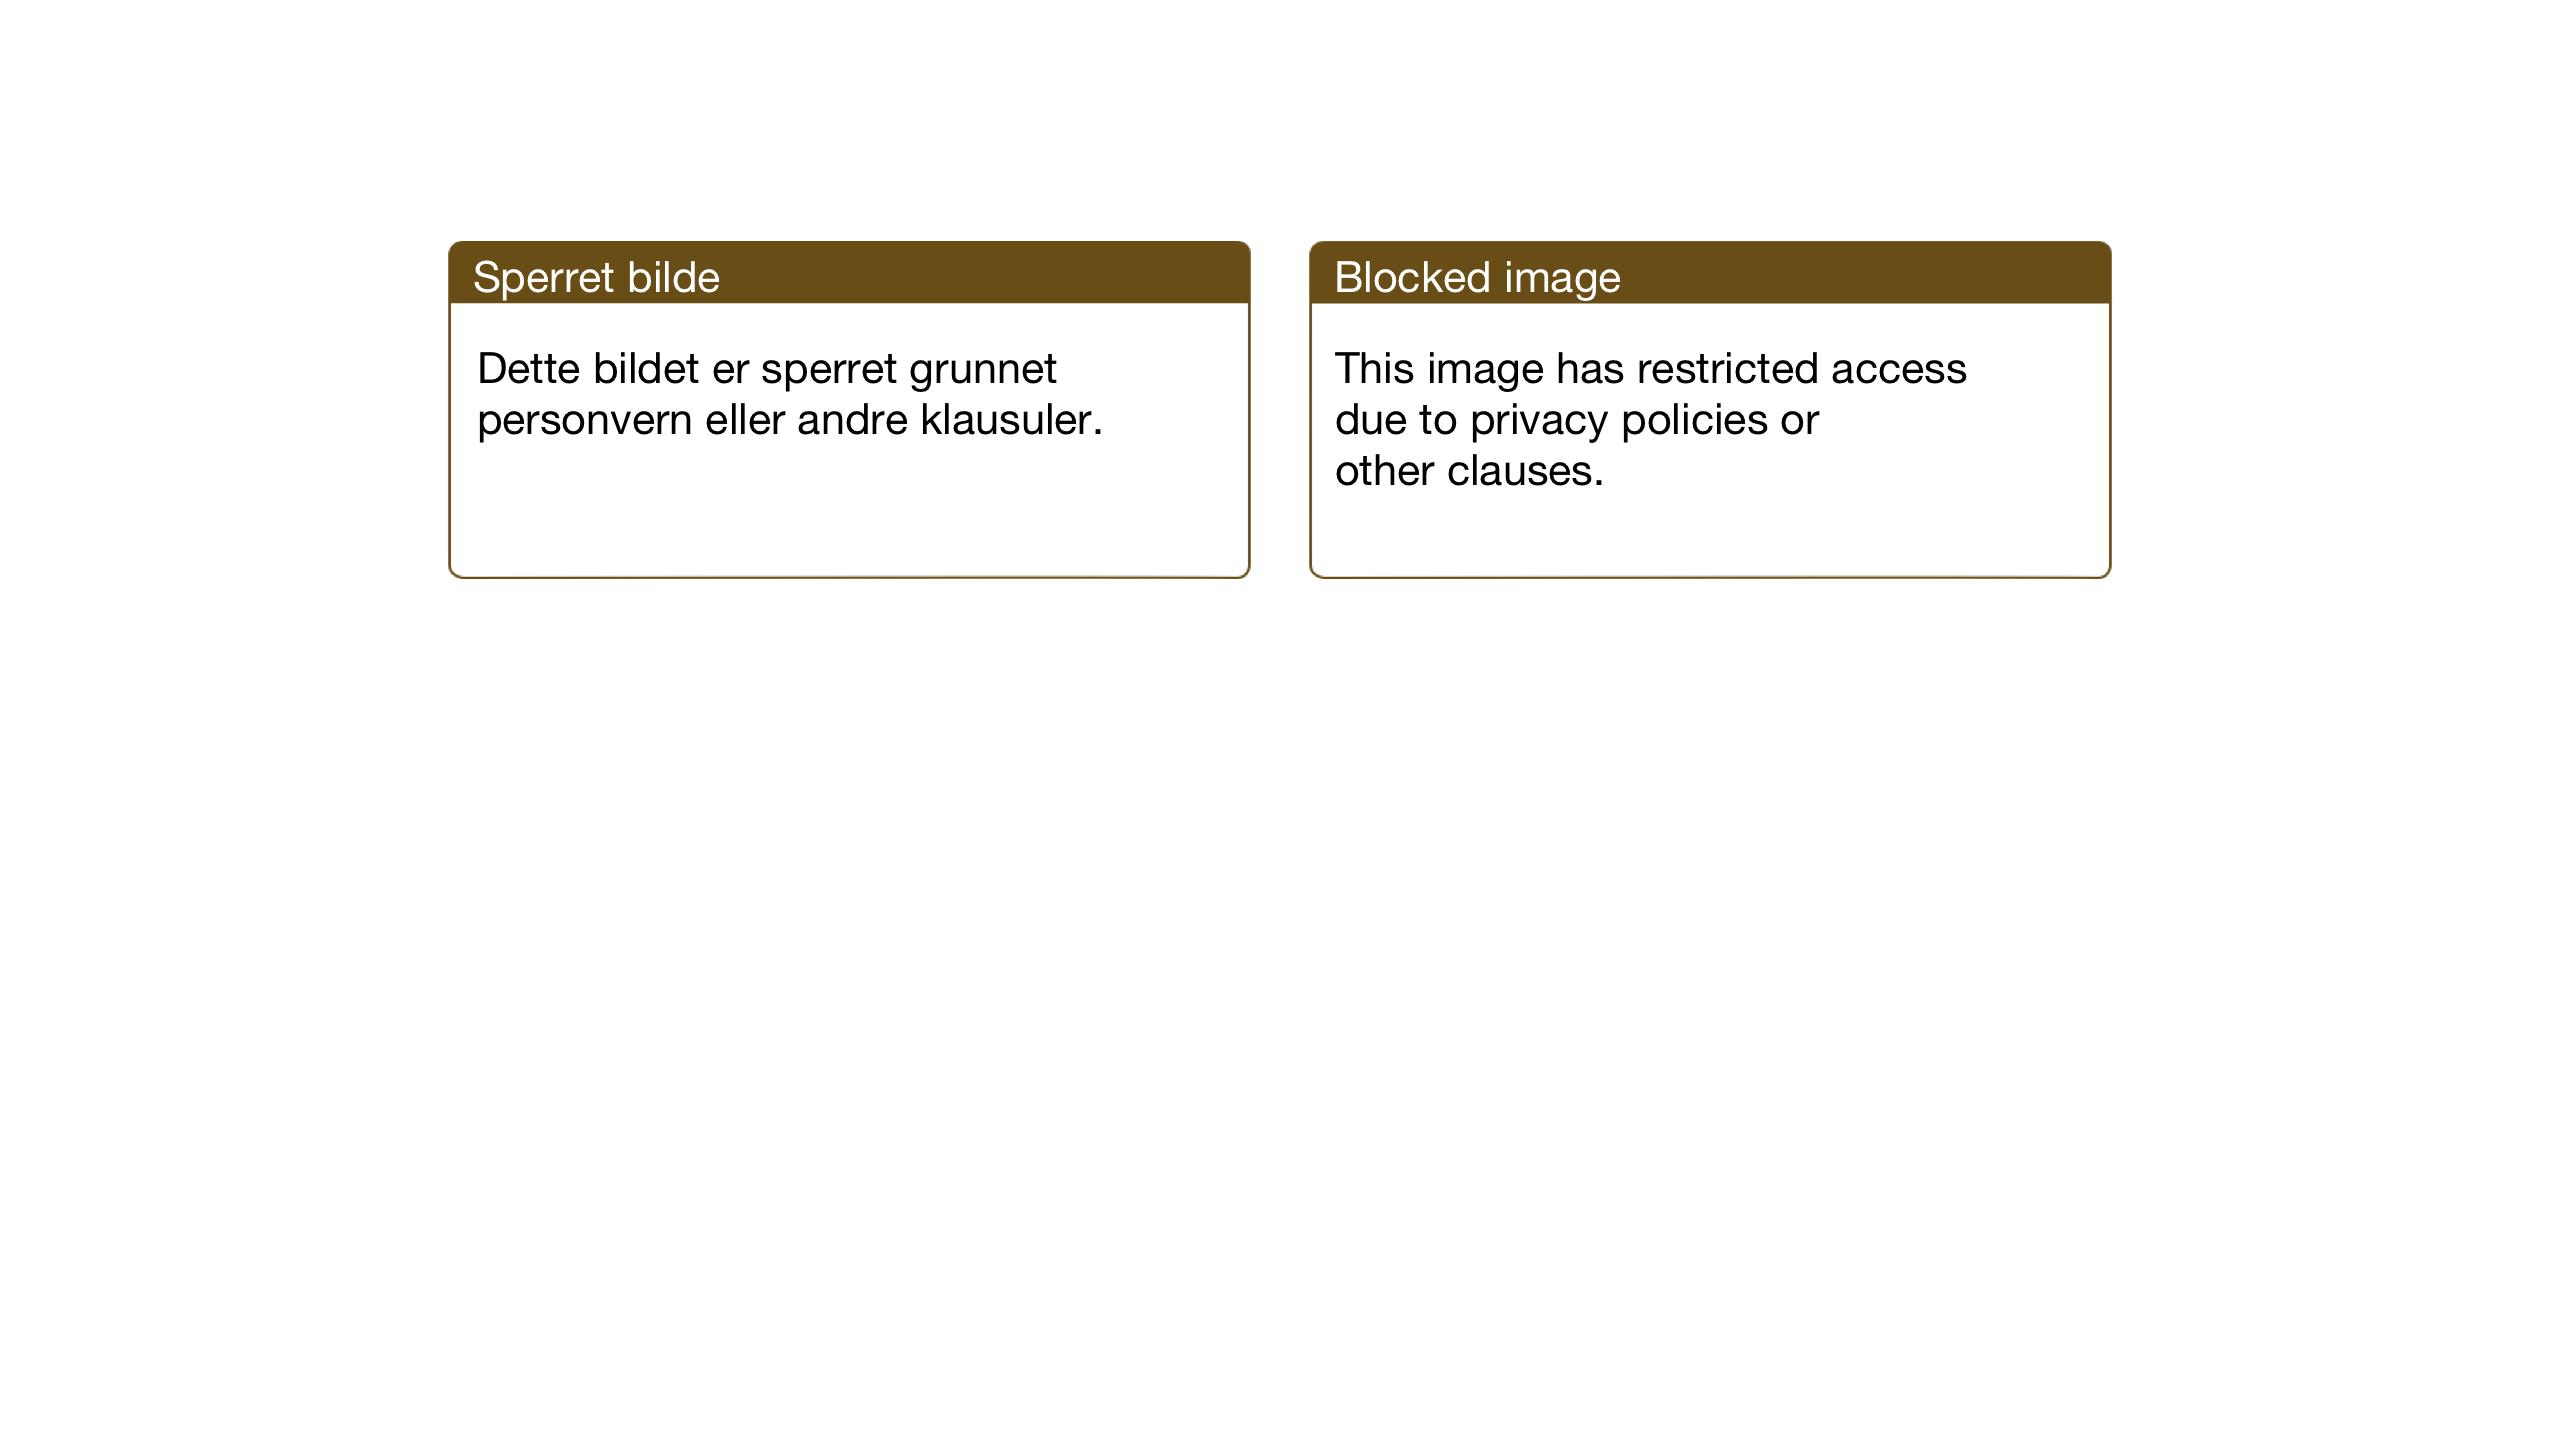 SAT, Ministerialprotokoller, klokkerbøker og fødselsregistre - Nord-Trøndelag, 701/L0019: Klokkerbok nr. 701C03, 1930-1953, s. 29